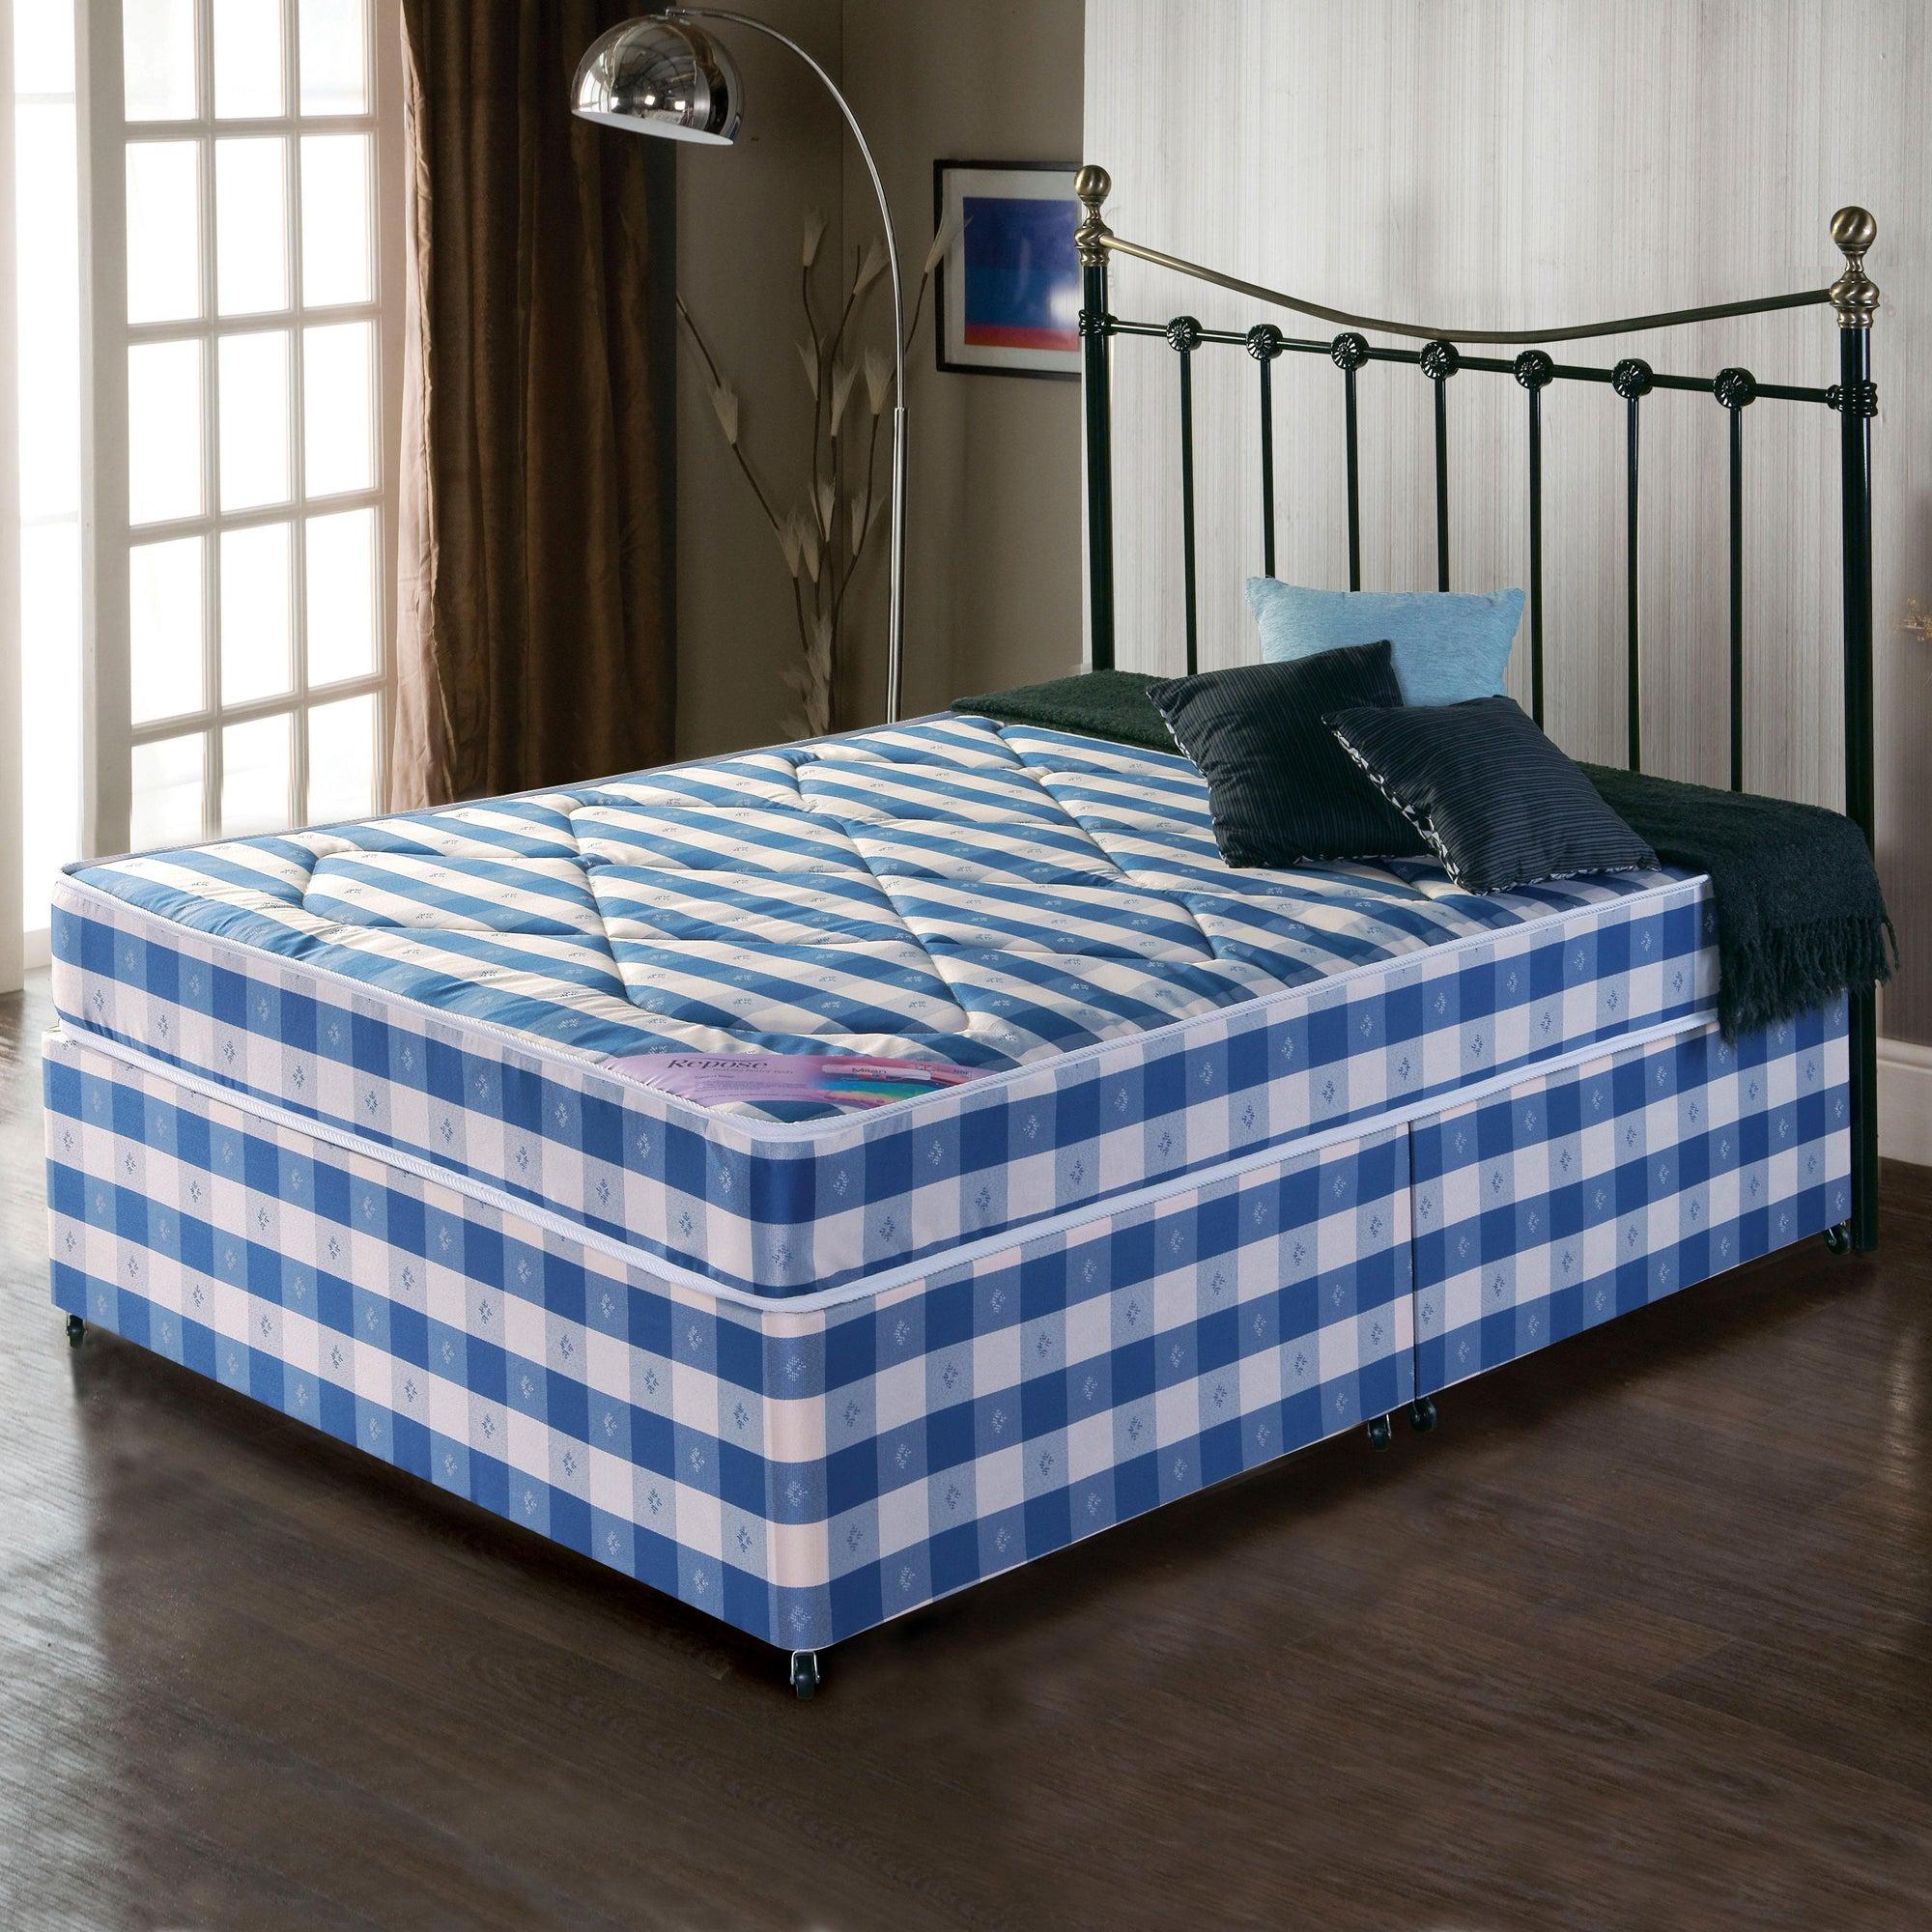 Quilted Comfort Divan Bed